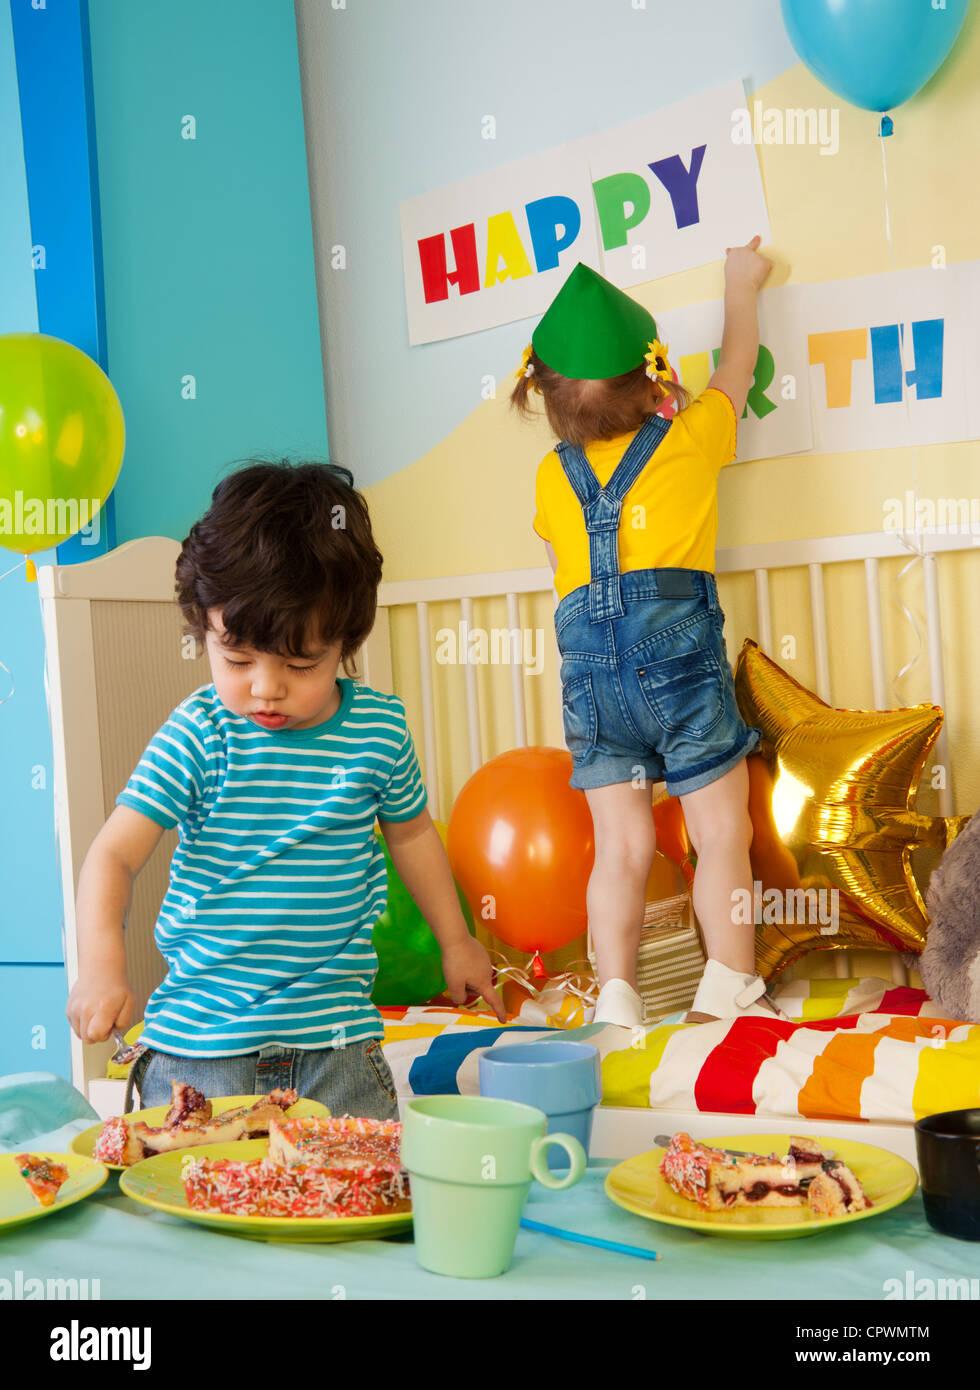 Kinder Geburtstagsparty Essen Kuchen Jungen Und Madchen Hangt Ein